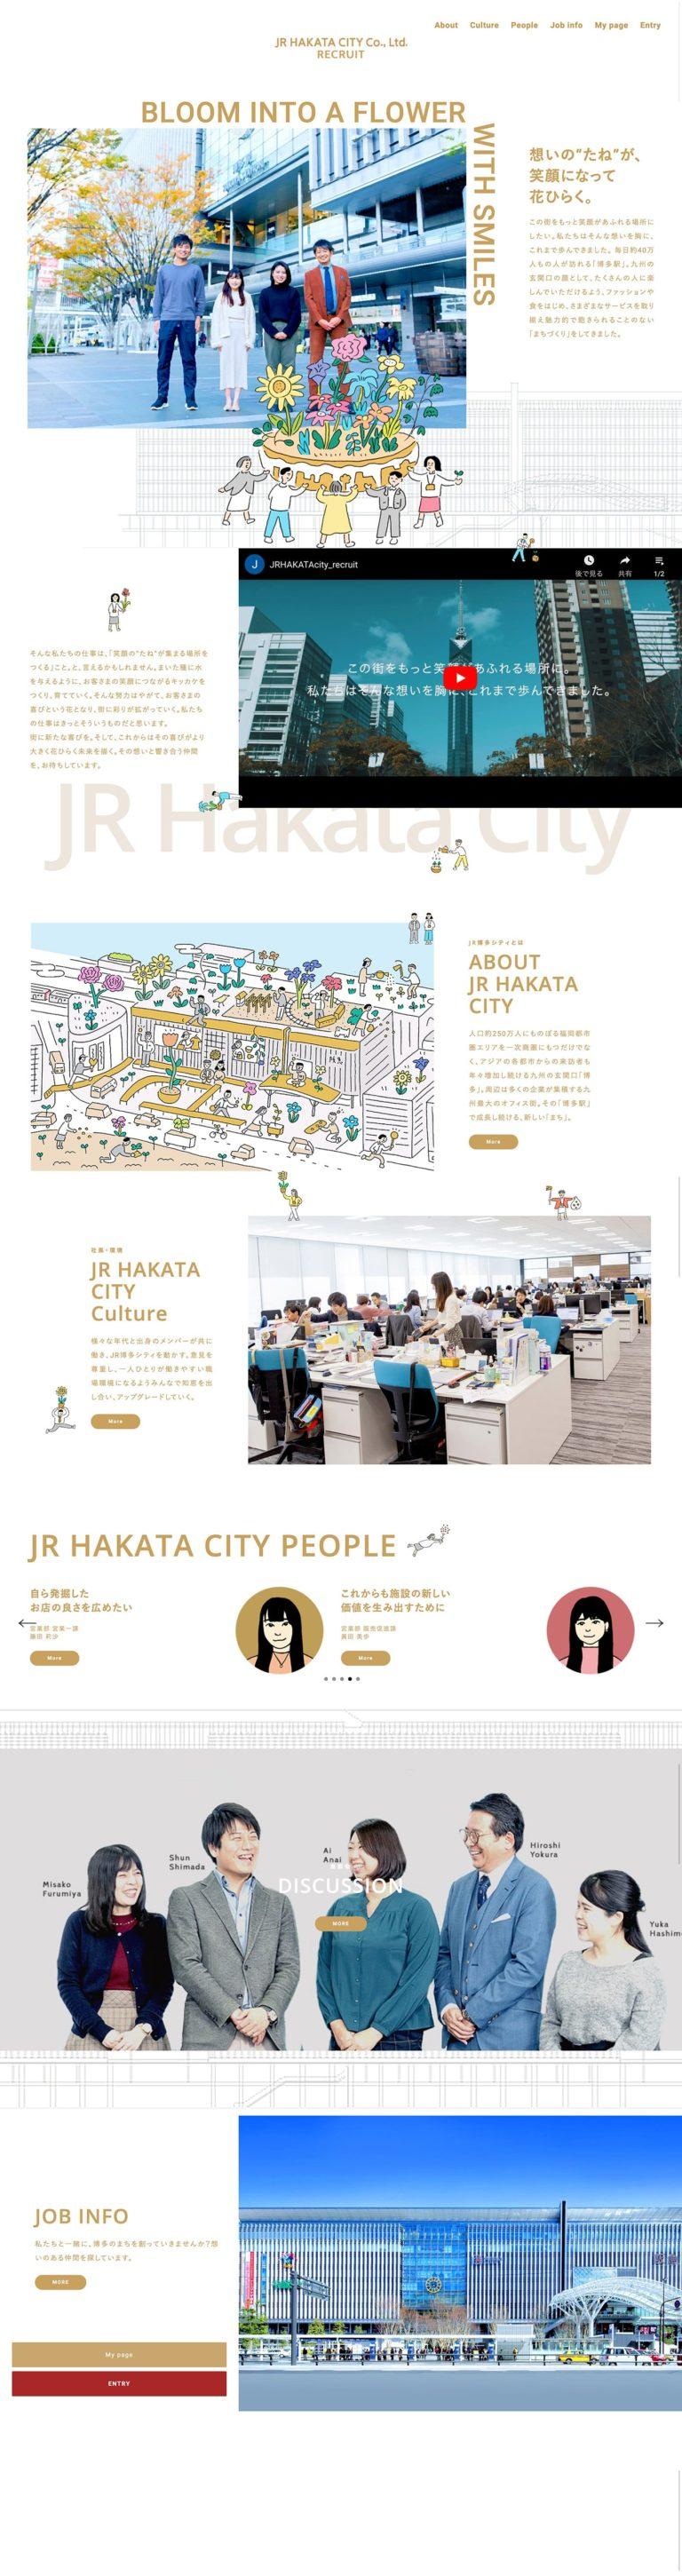 新卒採用サイト | 株式会社JR博多シティ